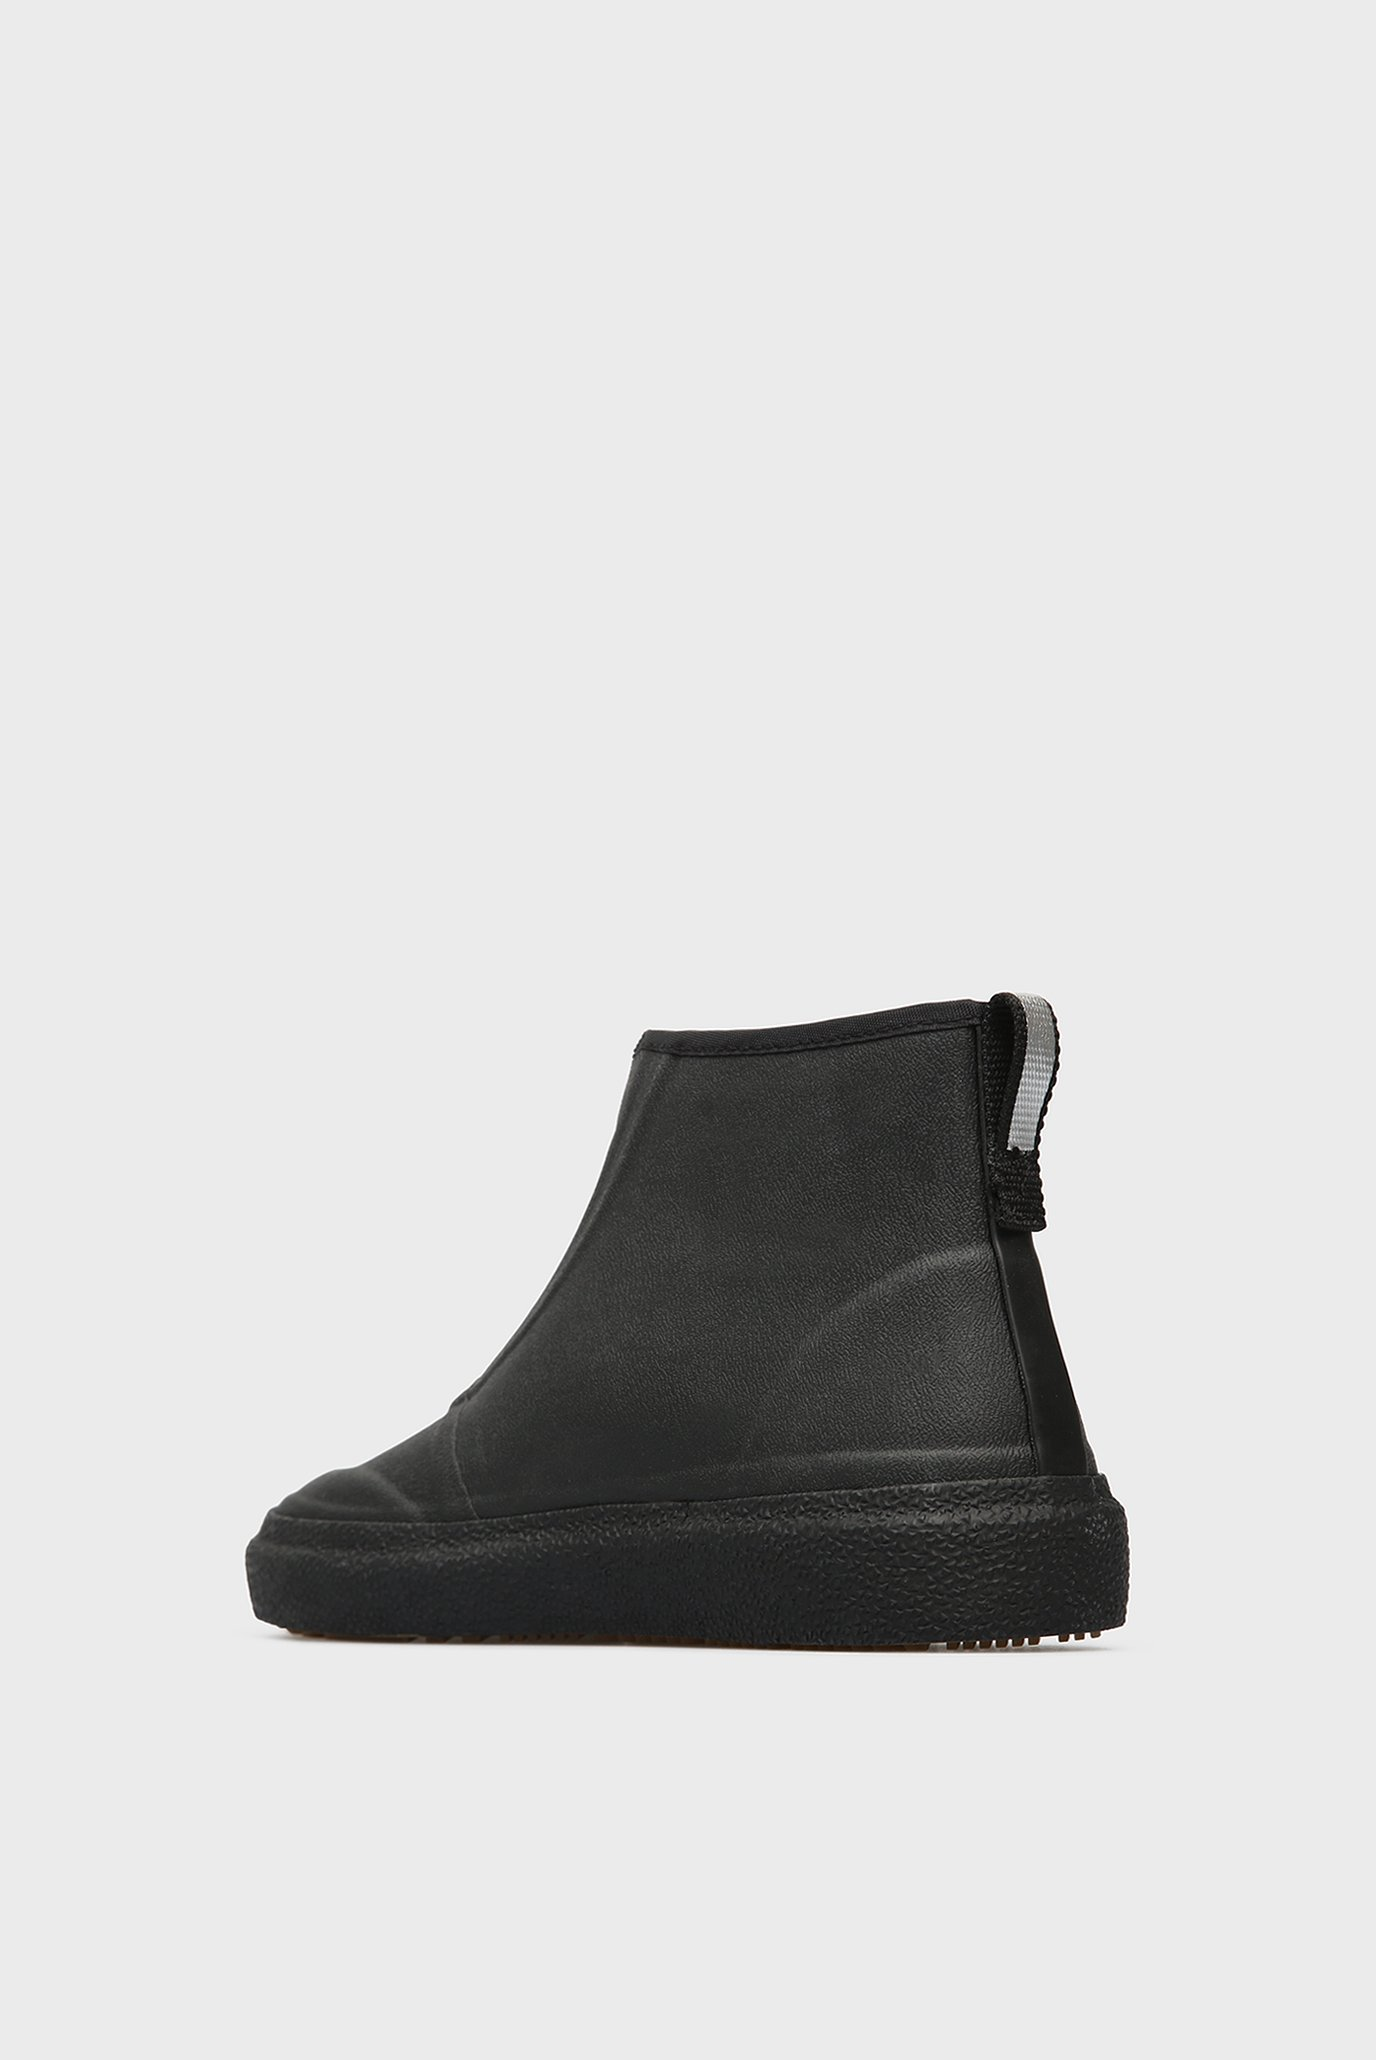 Купить Женские черные резиновые ботинки STORMHAVEN Gant Gant 17599855 – Киев, Украина. Цены в интернет магазине MD Fashion